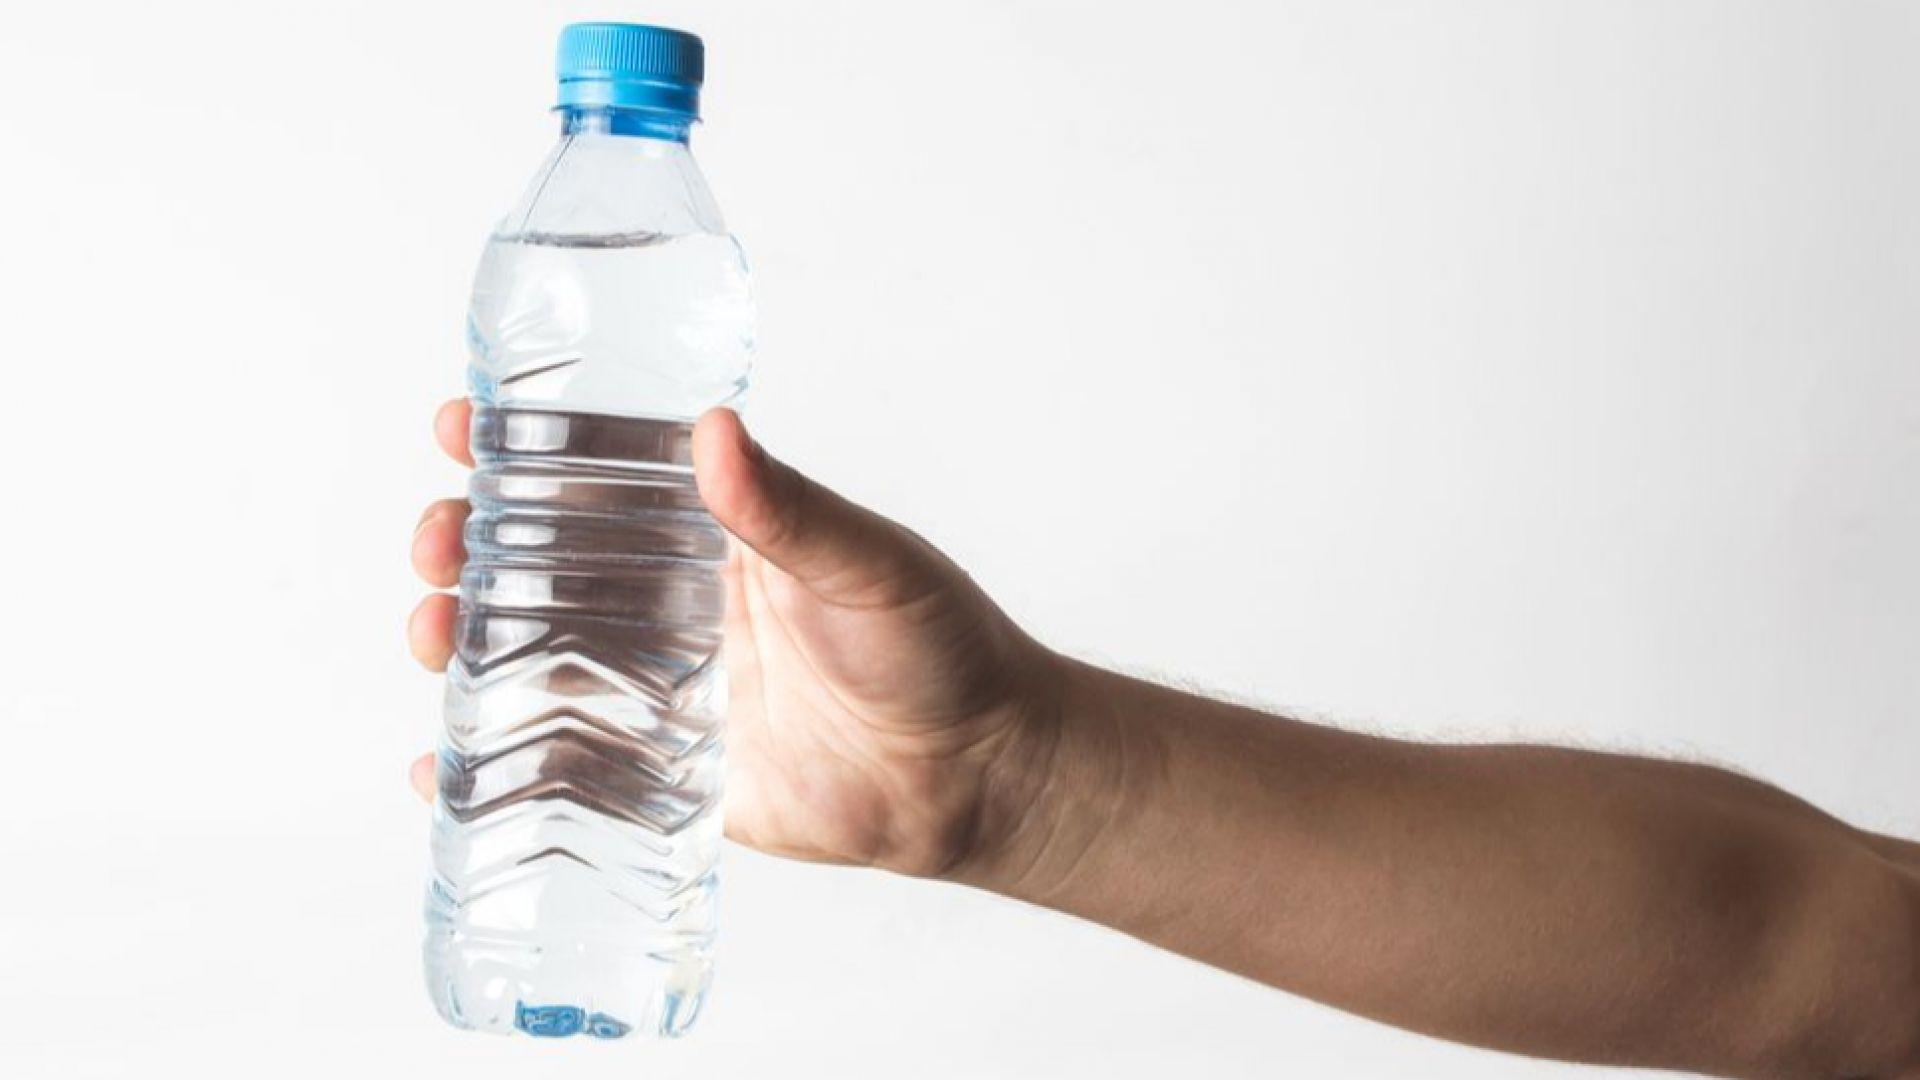 Събират до 90% пластмасовите бутилки за рециклиране